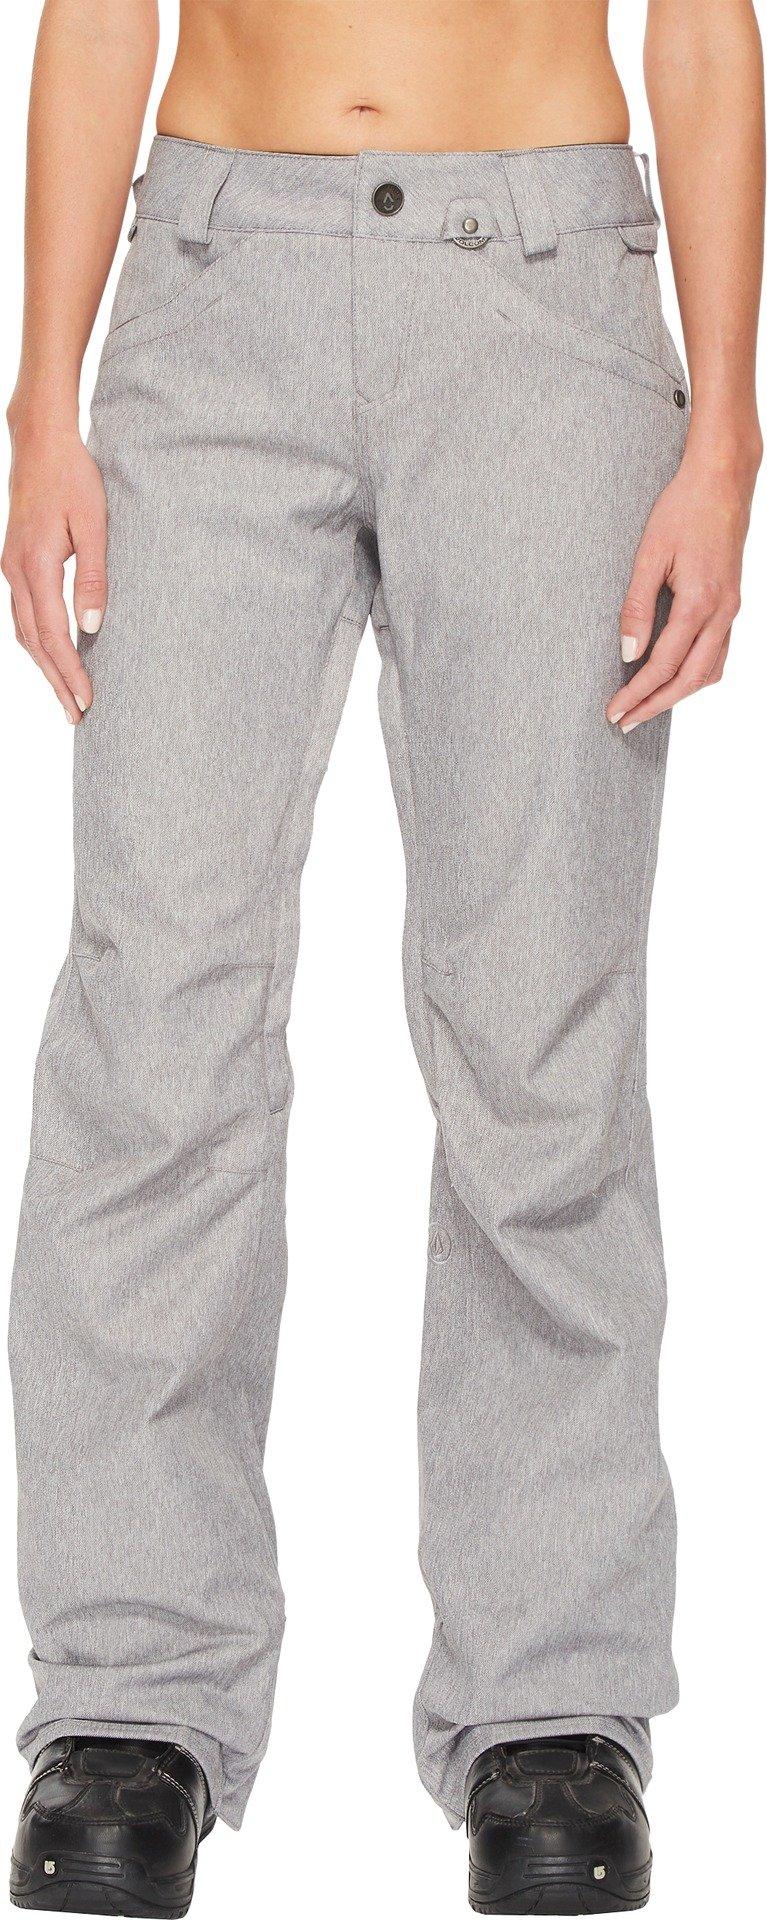 Volcom Snow Women's Species Stretch Pants Heather Grey XX-Small